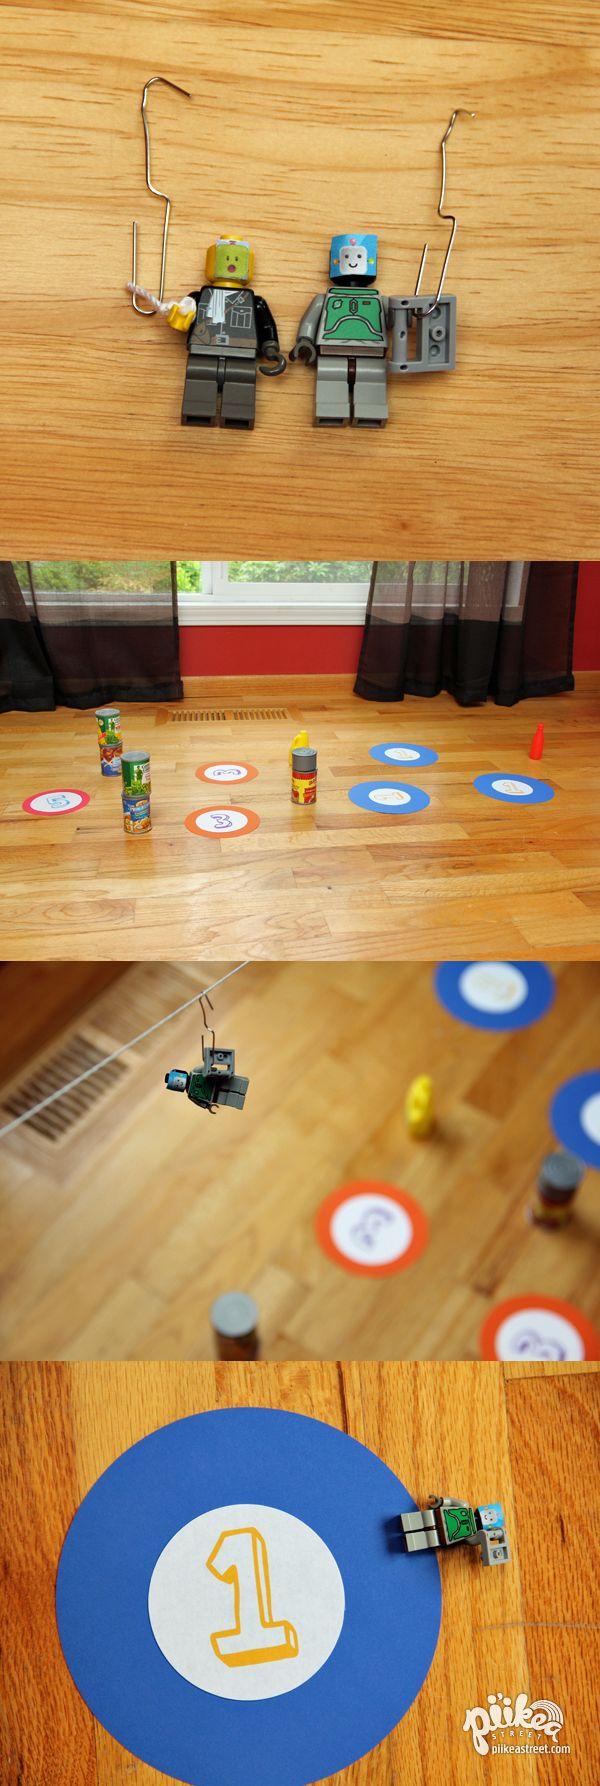 Best 25 lego creative ideas on pinterest for Creative lego ideas